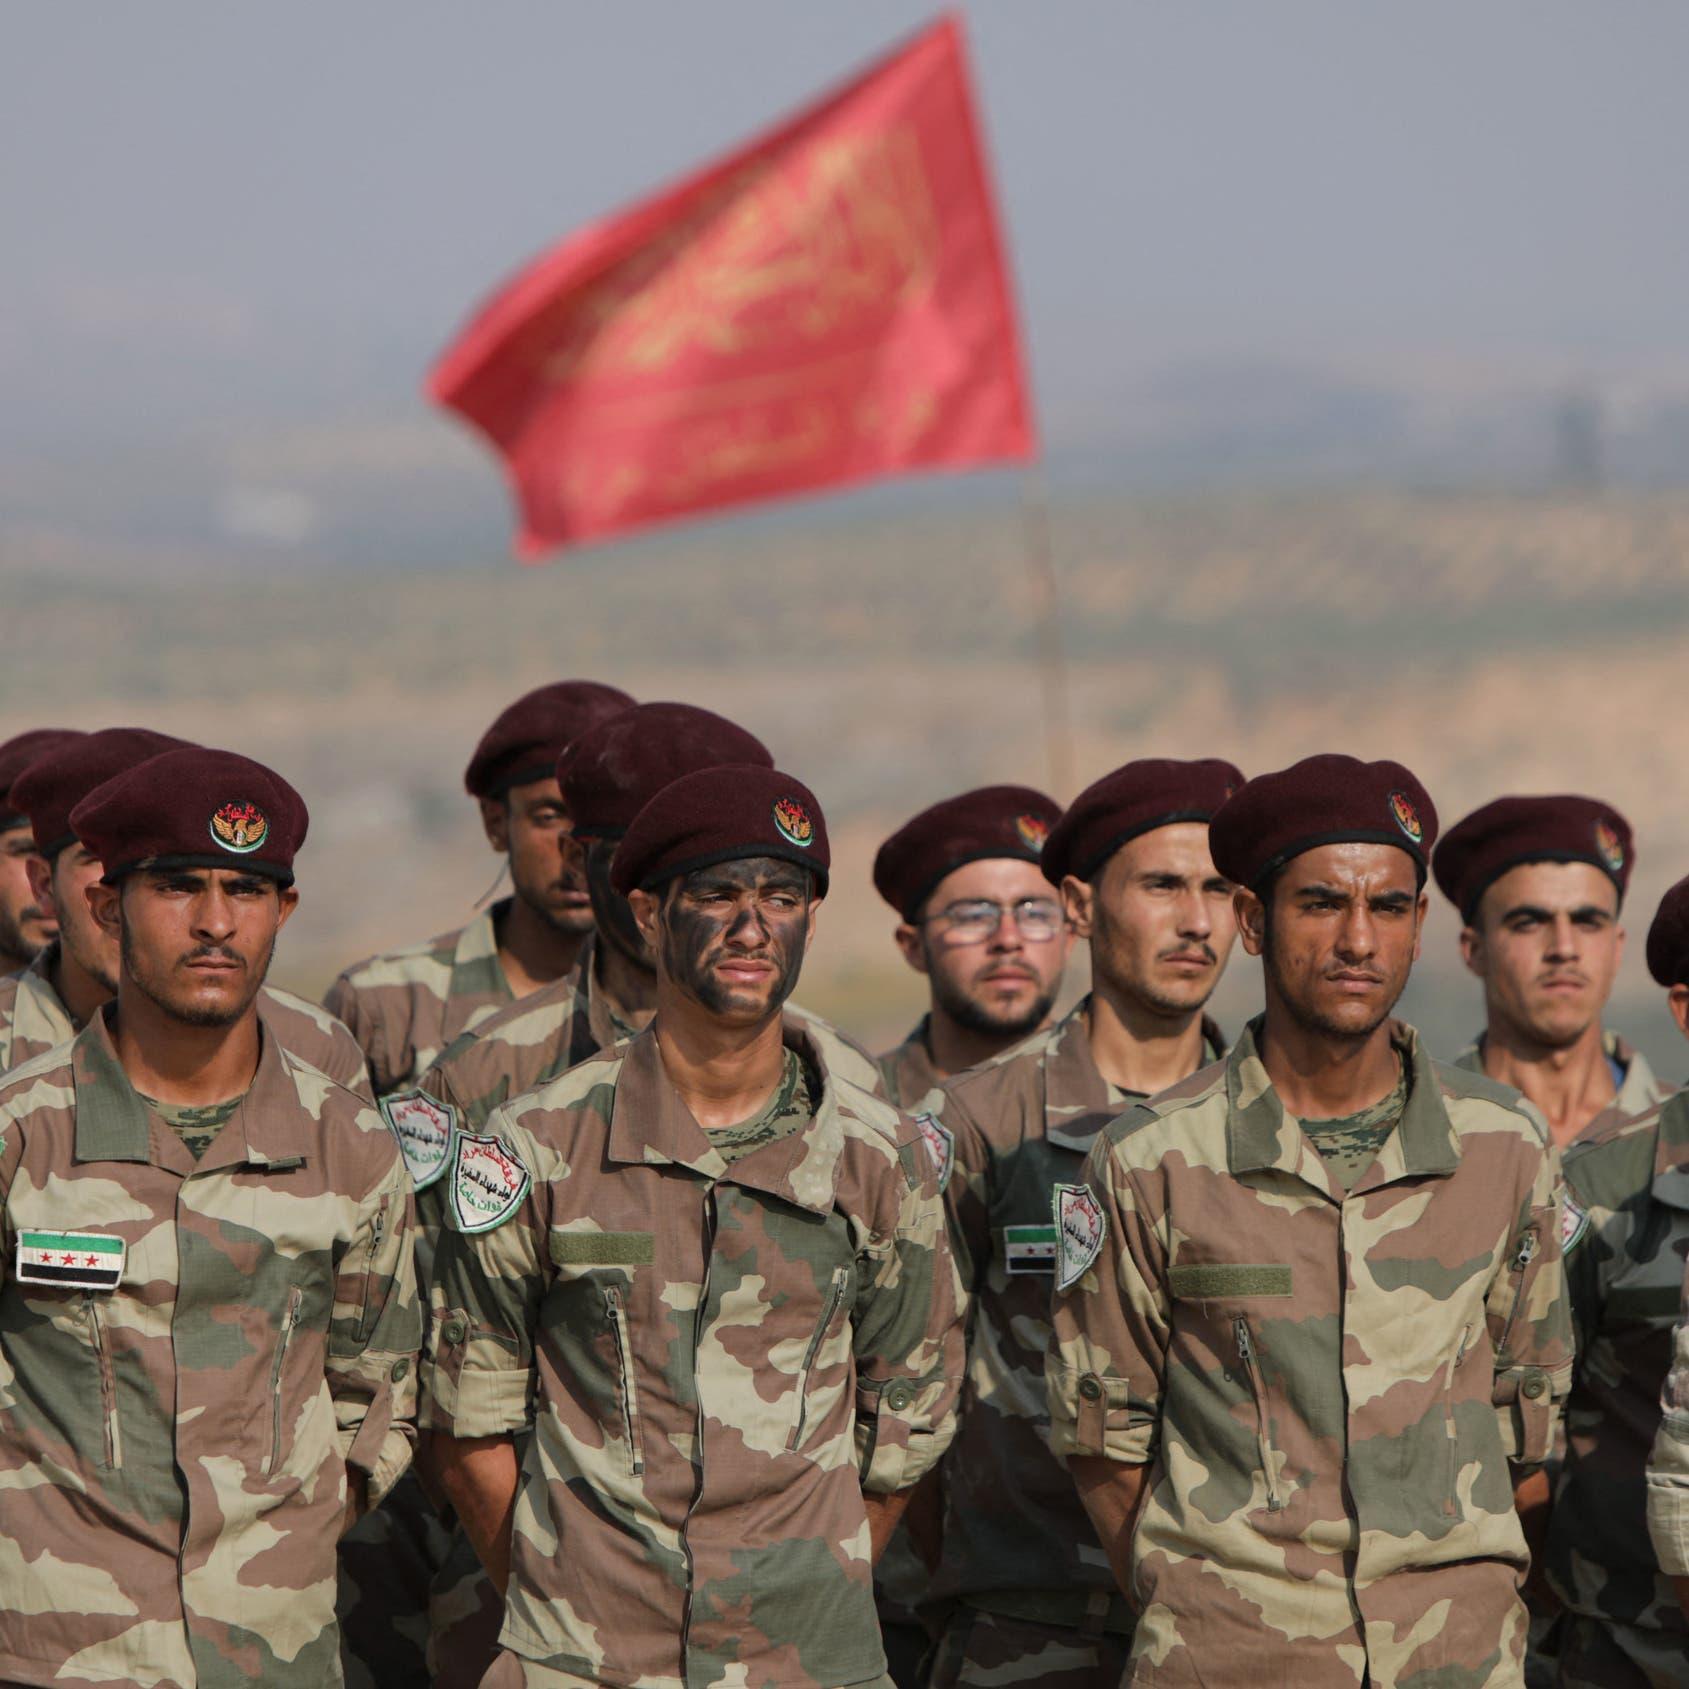 تركيا تواصل إرسال المرتزقة.. 150 مقاتلا سوريا إلى ليبيا